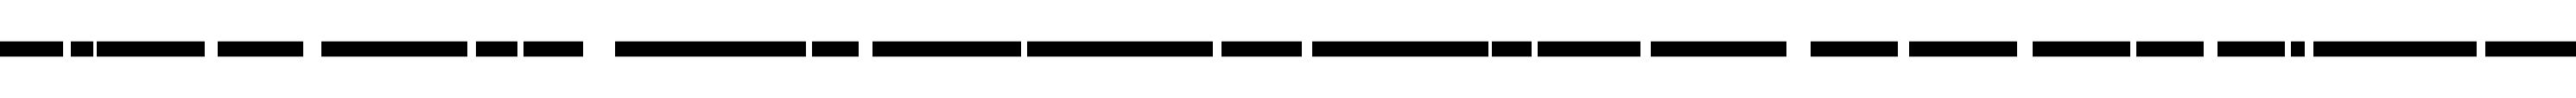 分割线 (3).png